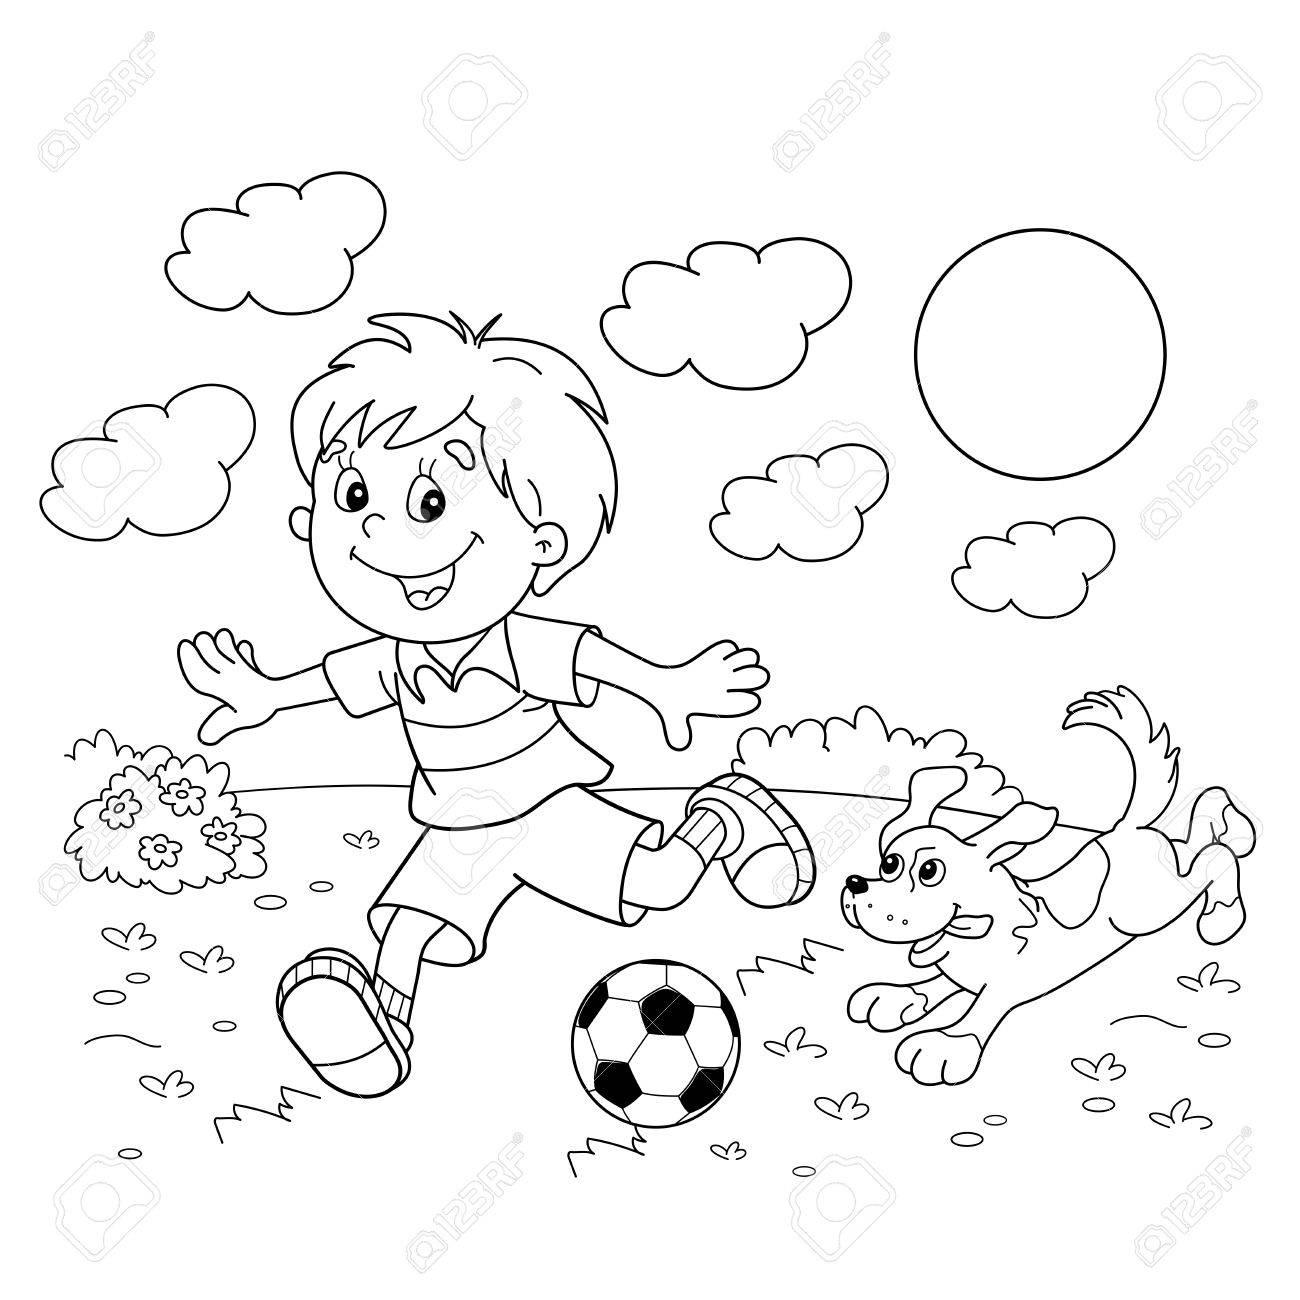 Malvorlagen Umriss Cartoon Jungen Mit Einem Fußball Mit Hund ...